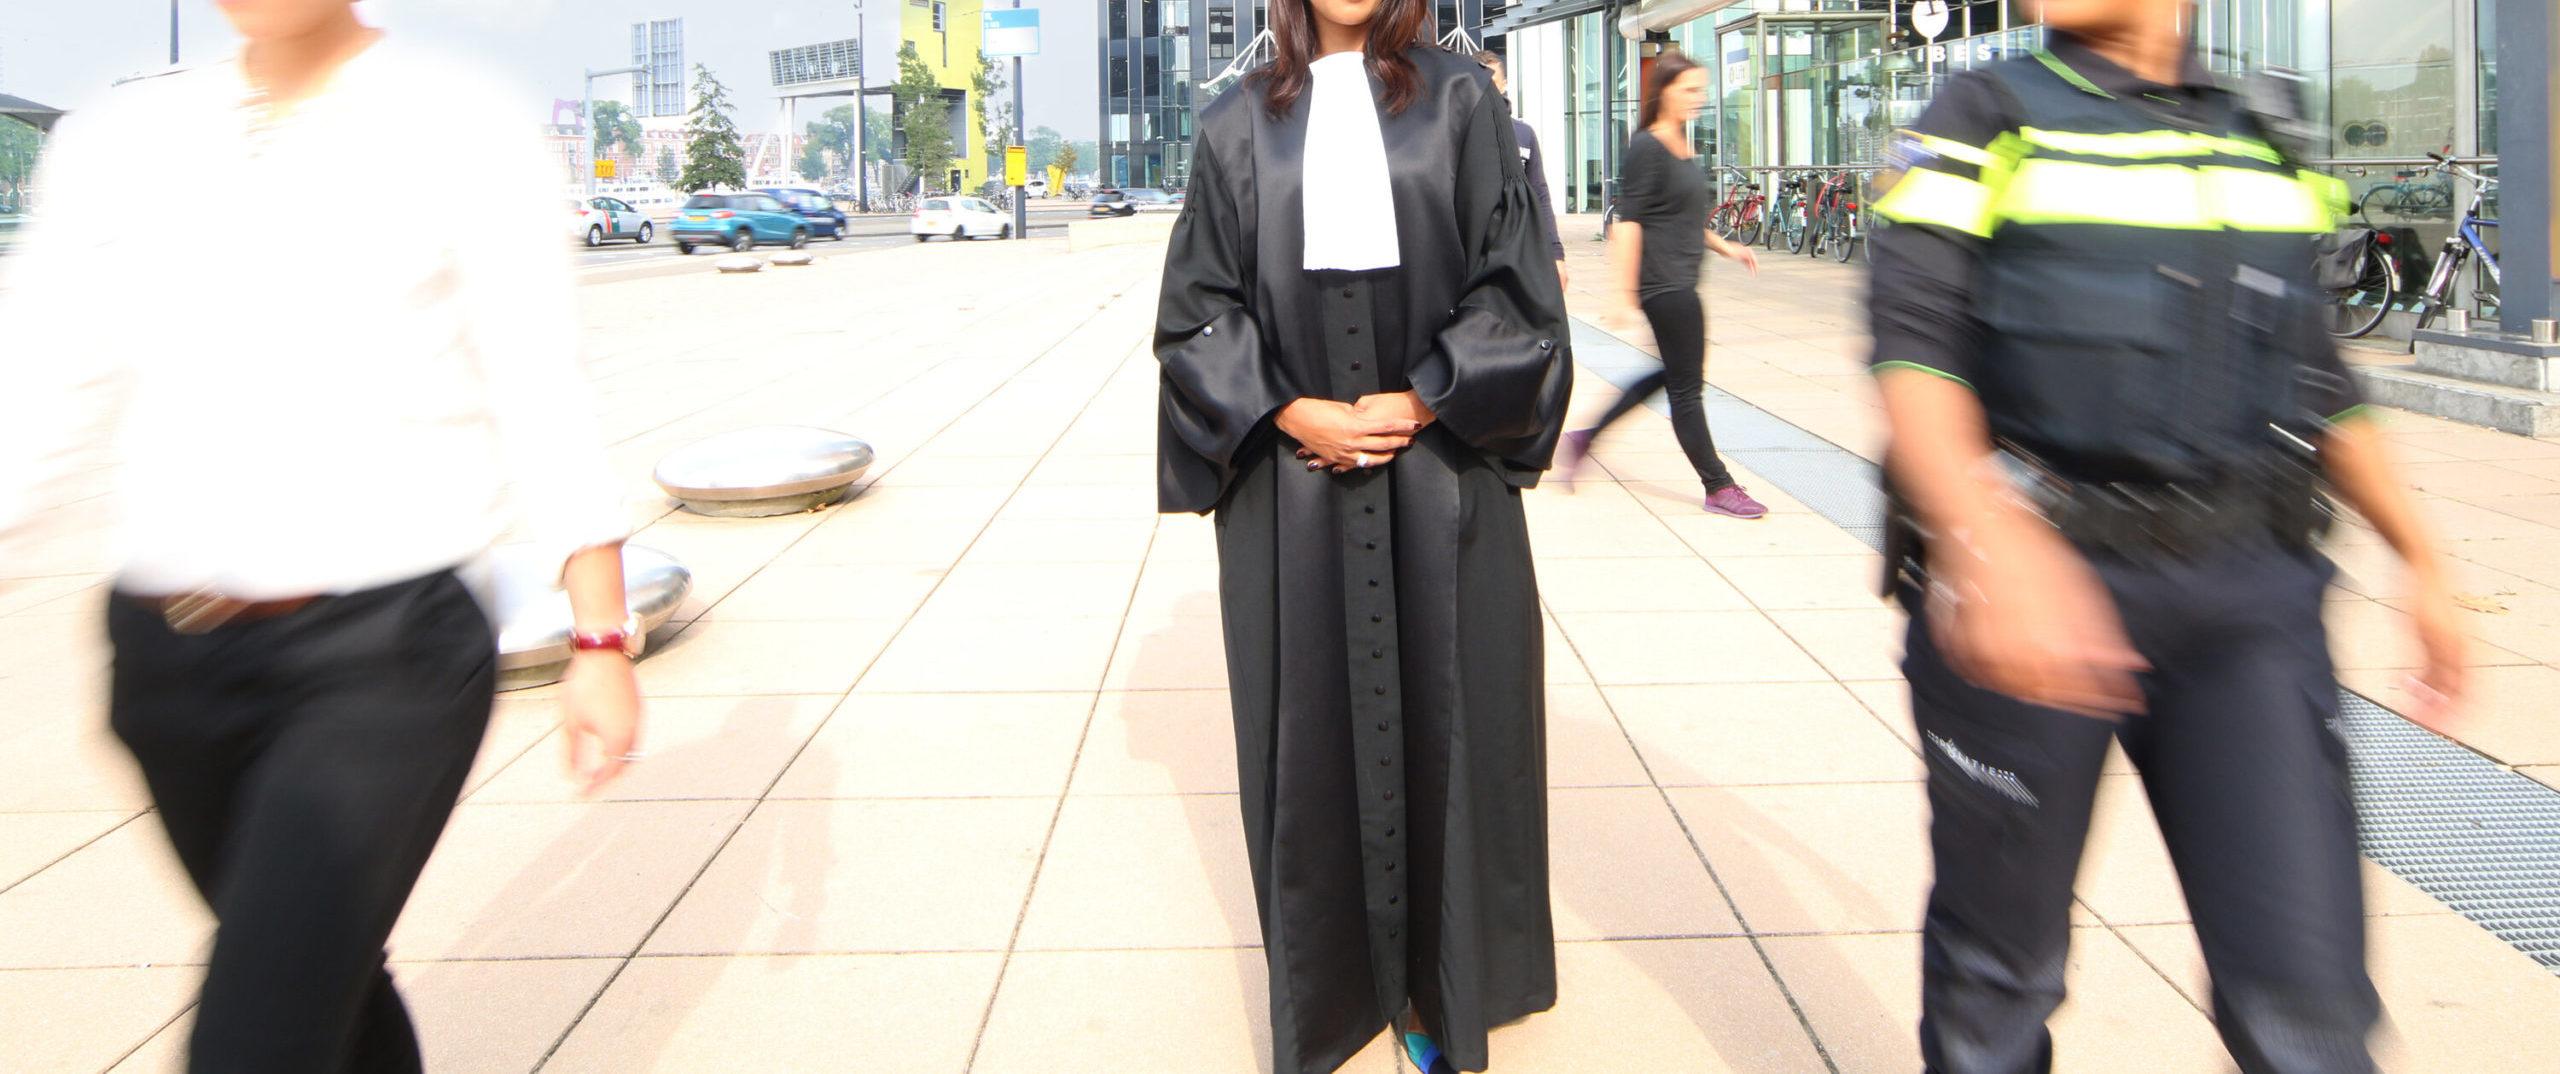 Opleiding Officieren van Justitie